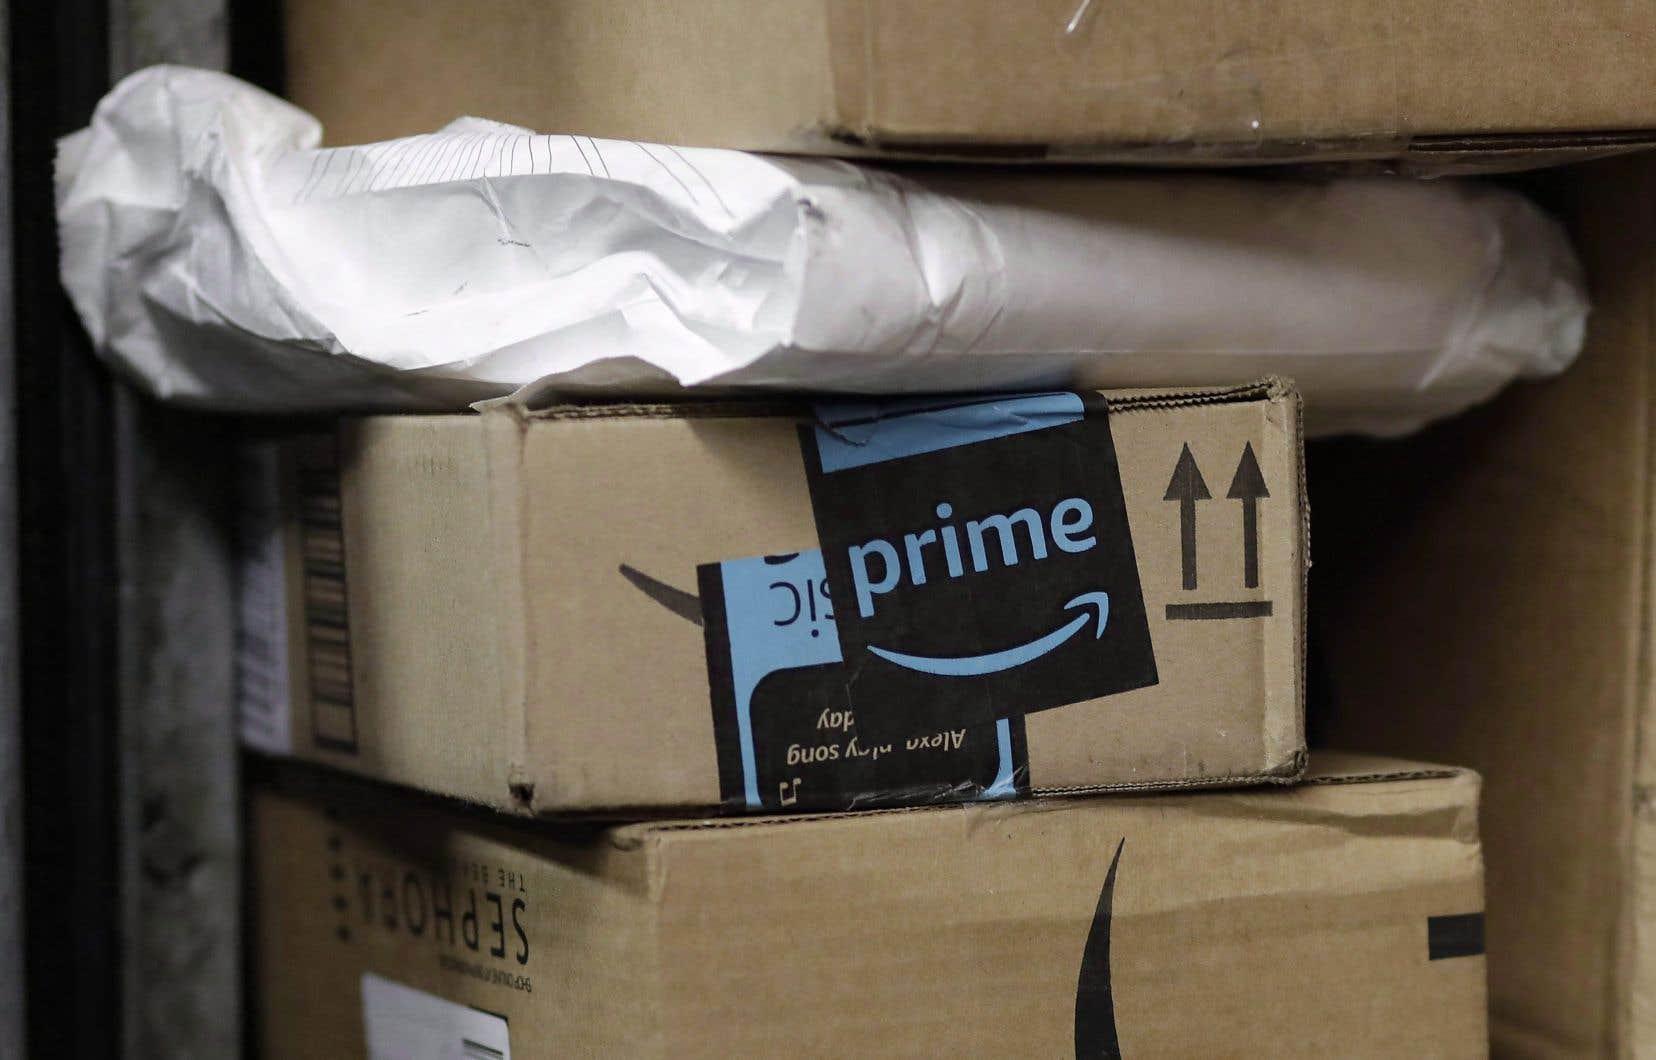 Amazon assure que, dans les cas où les colis ne se rendent pas à destination comme prévu, c'est elle-même qui s'arrange directement avec les clients pour corriger la situation.